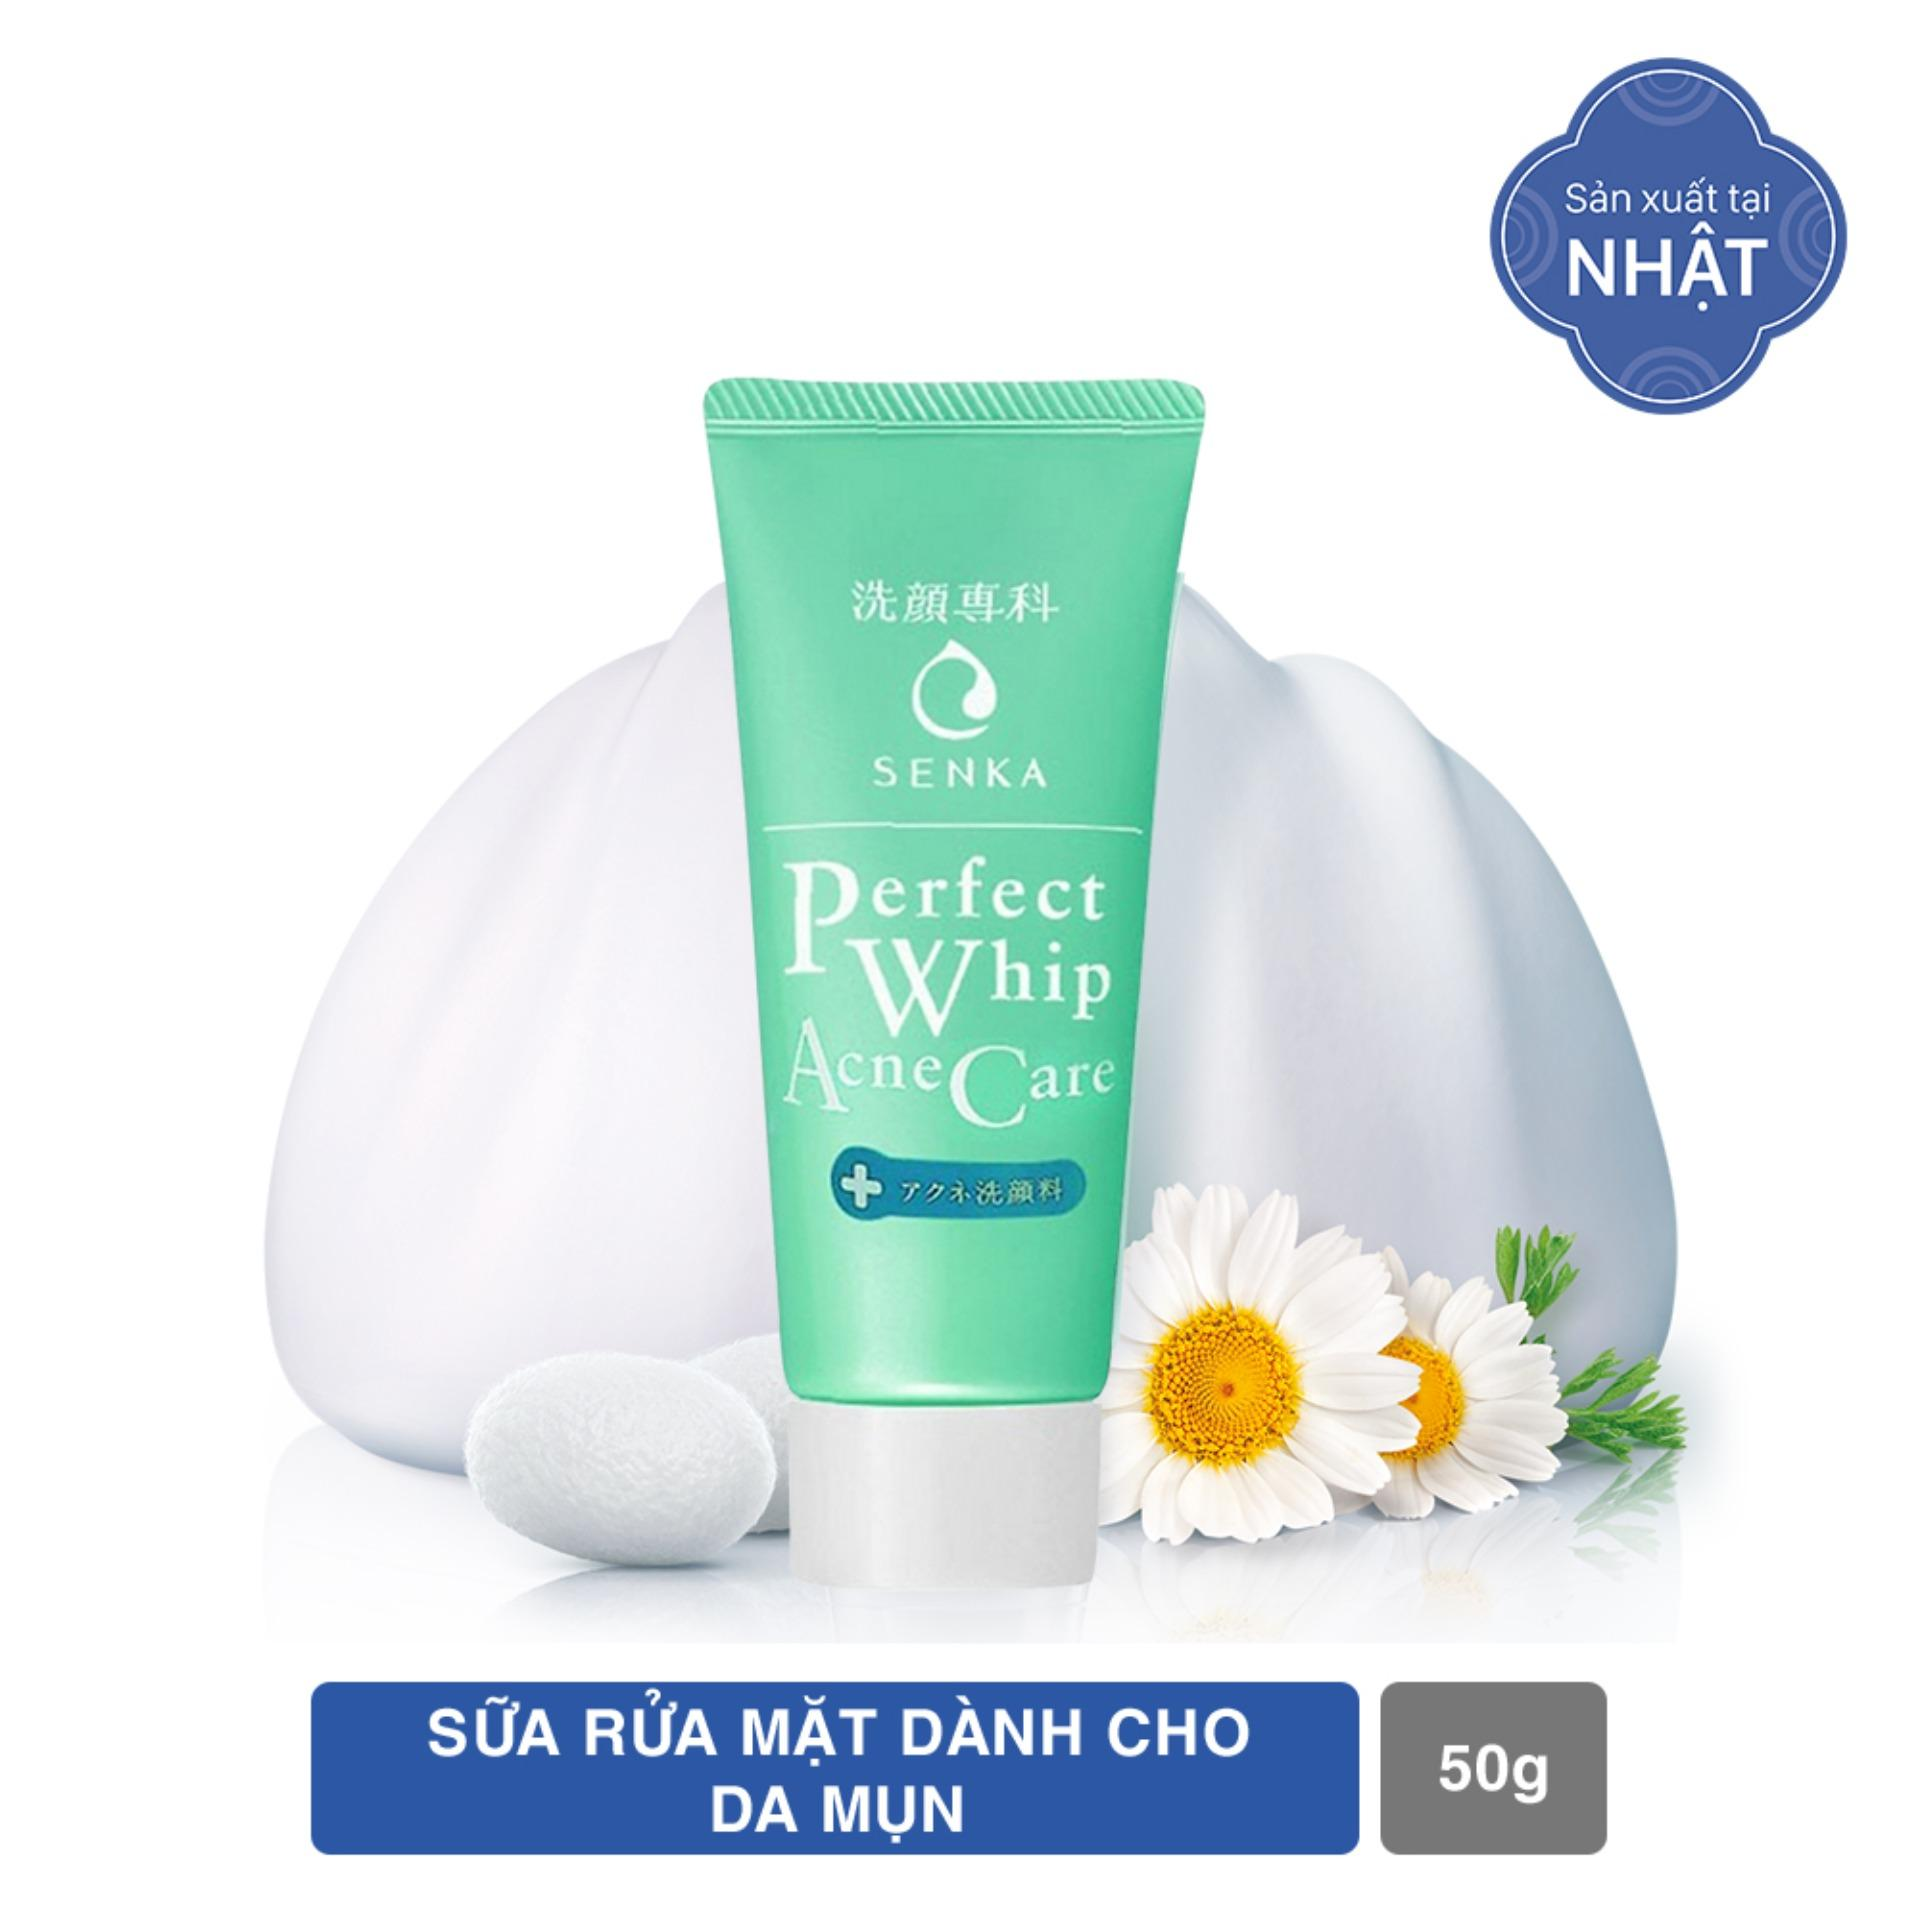 Sữa Rửa Mặt Senka Dành Cho Da Mụn 50g Perfect Whip Acne Care